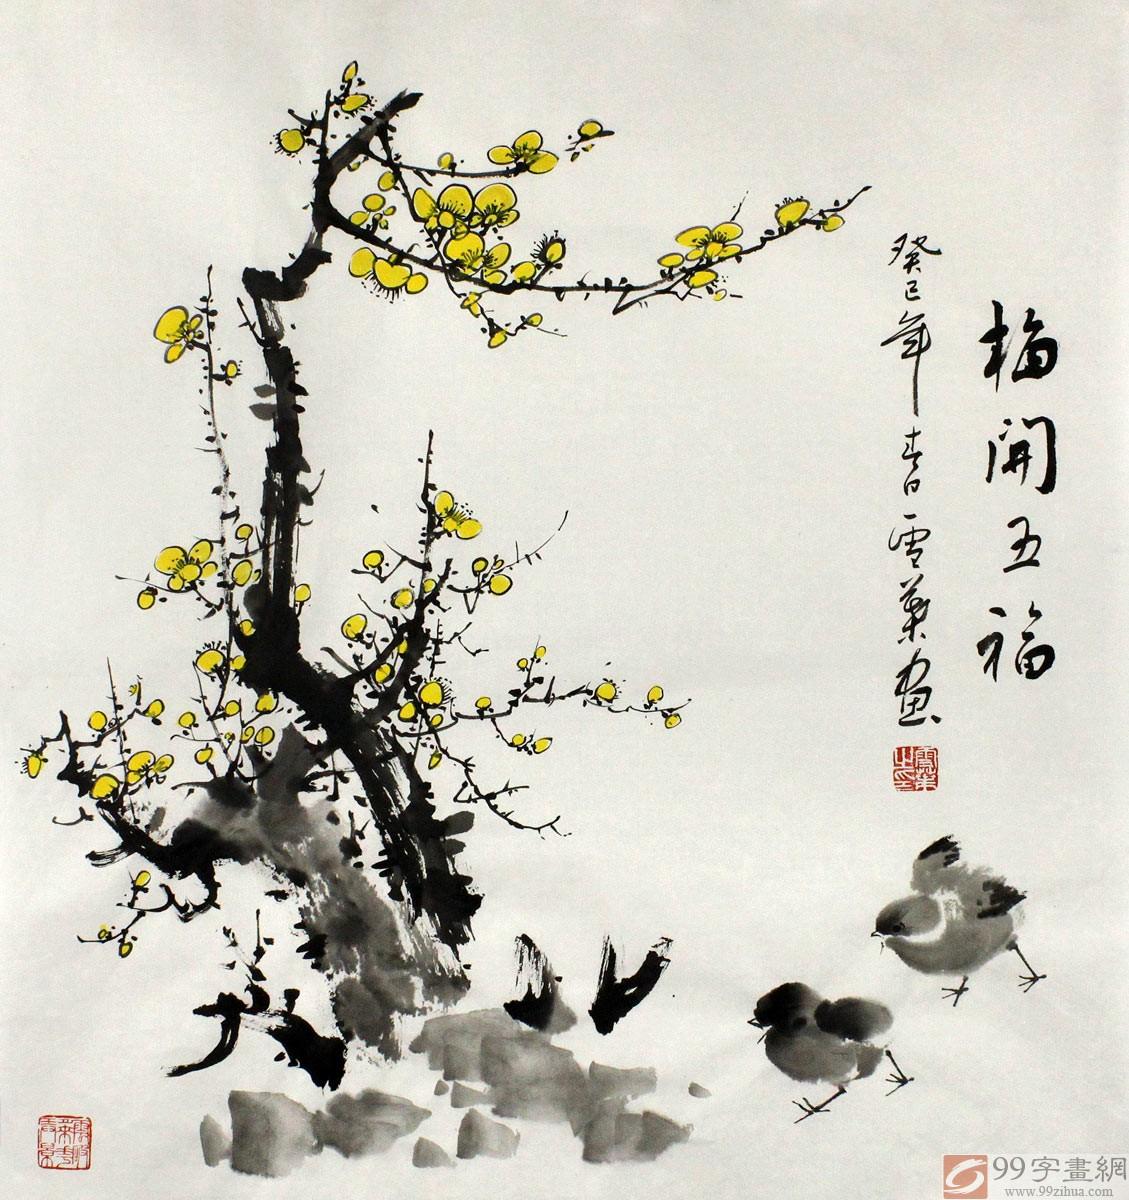 中华民族是具有传统美德的礼仪之邦,历来主张以和为贵,创建和谐的社会